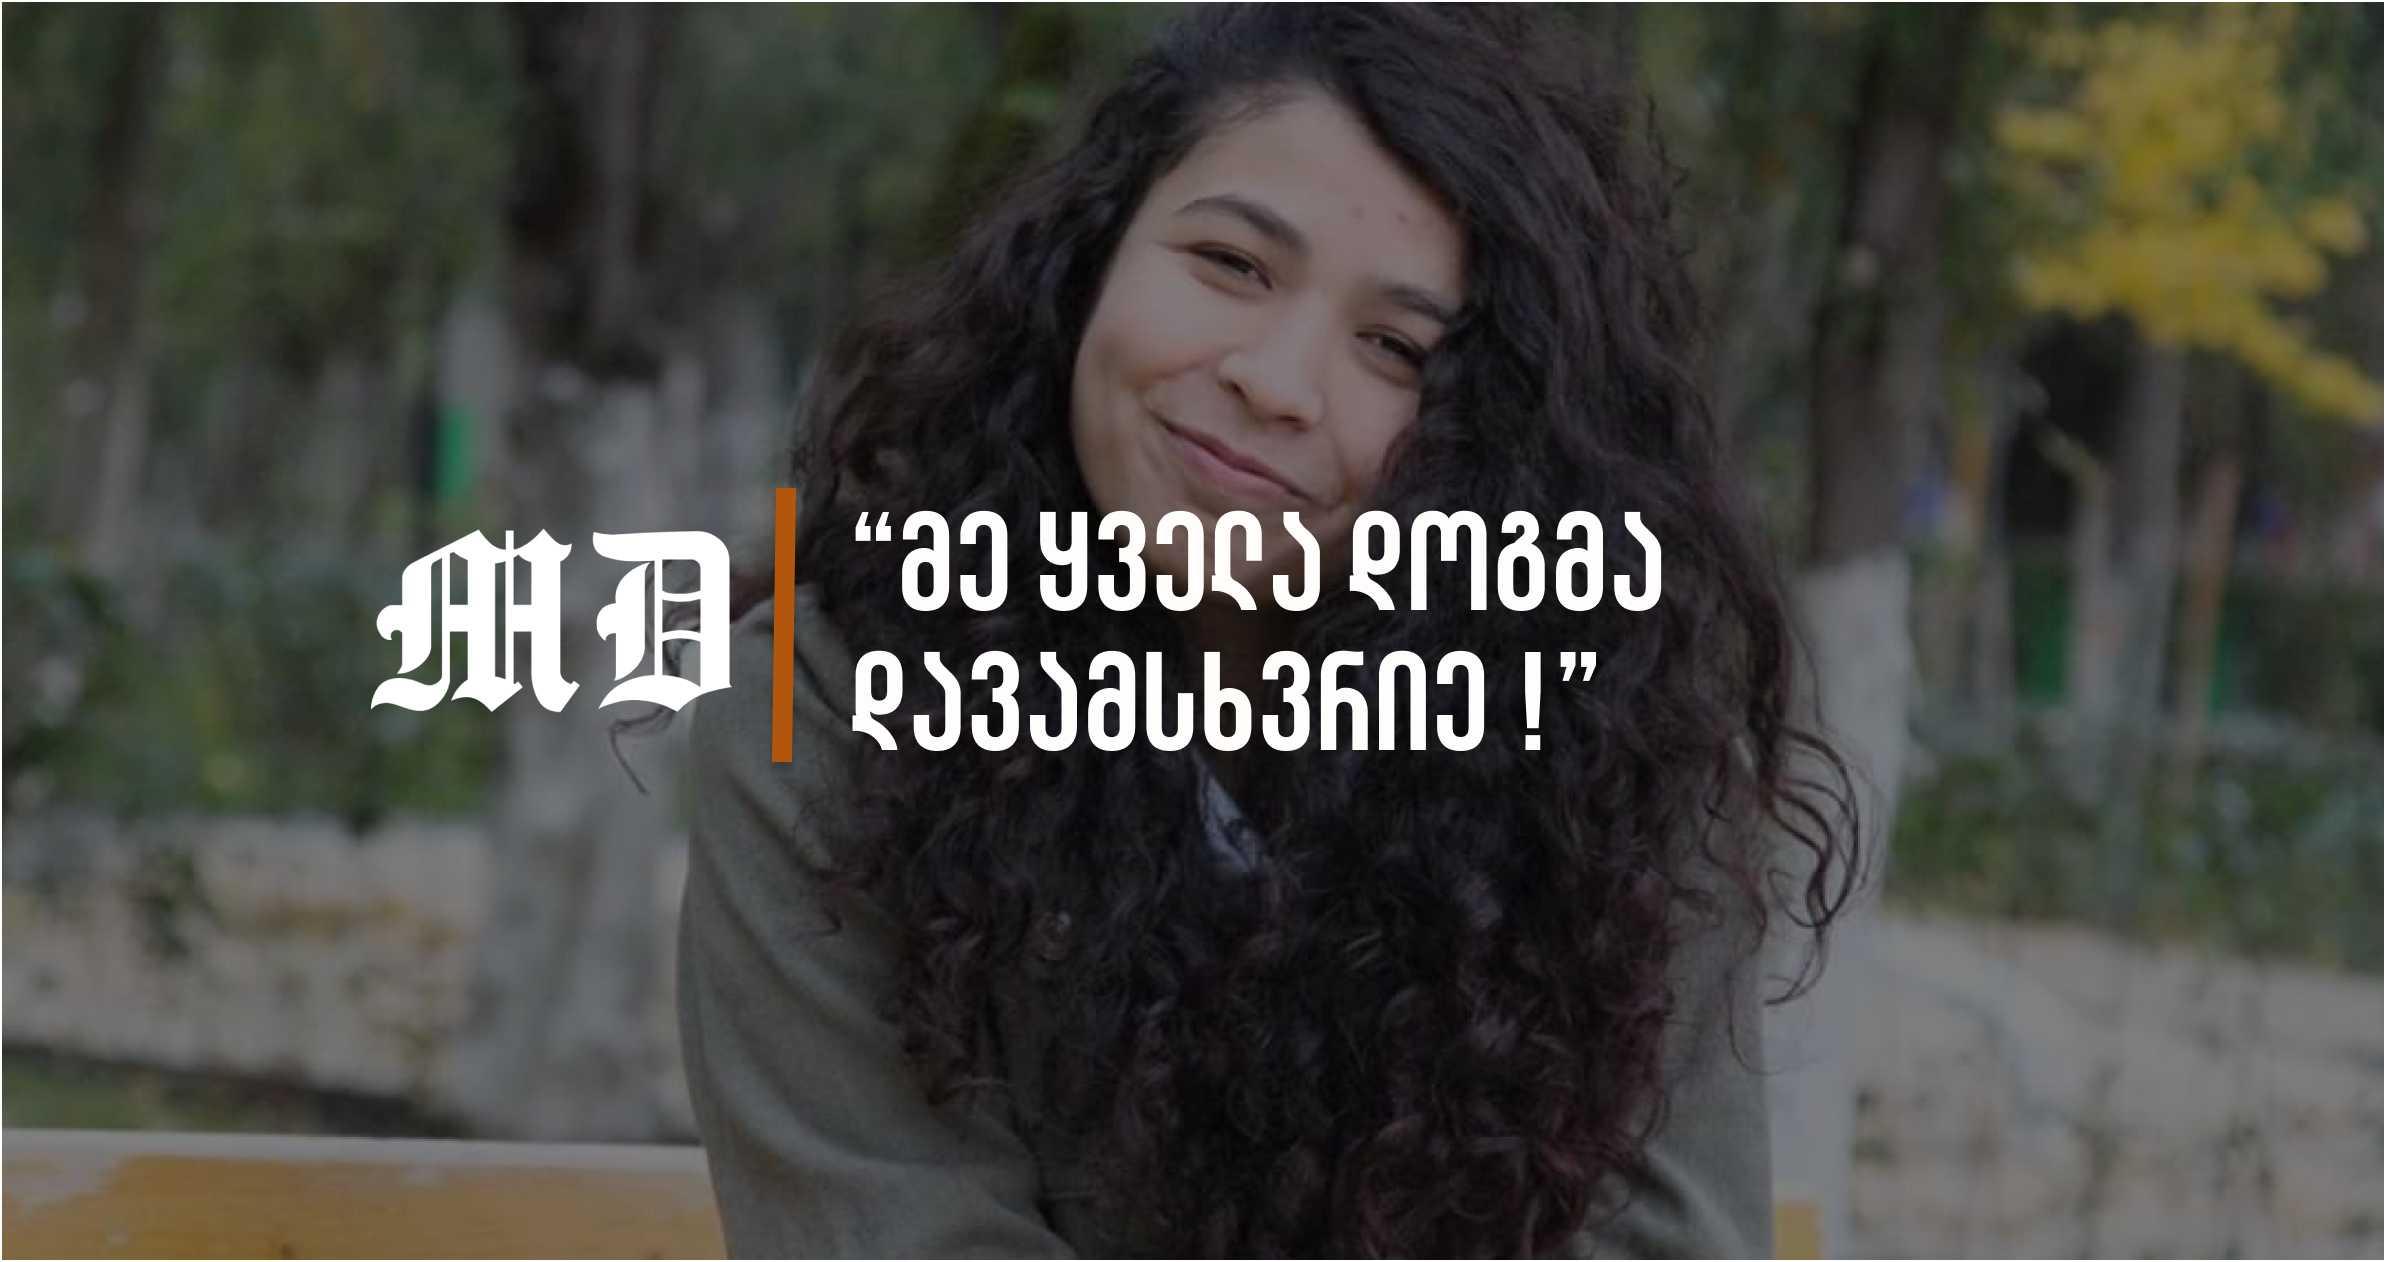 სოფელი, მეტროში კოცნა, დანგრეული მორალი და 22 წლის გოგონა